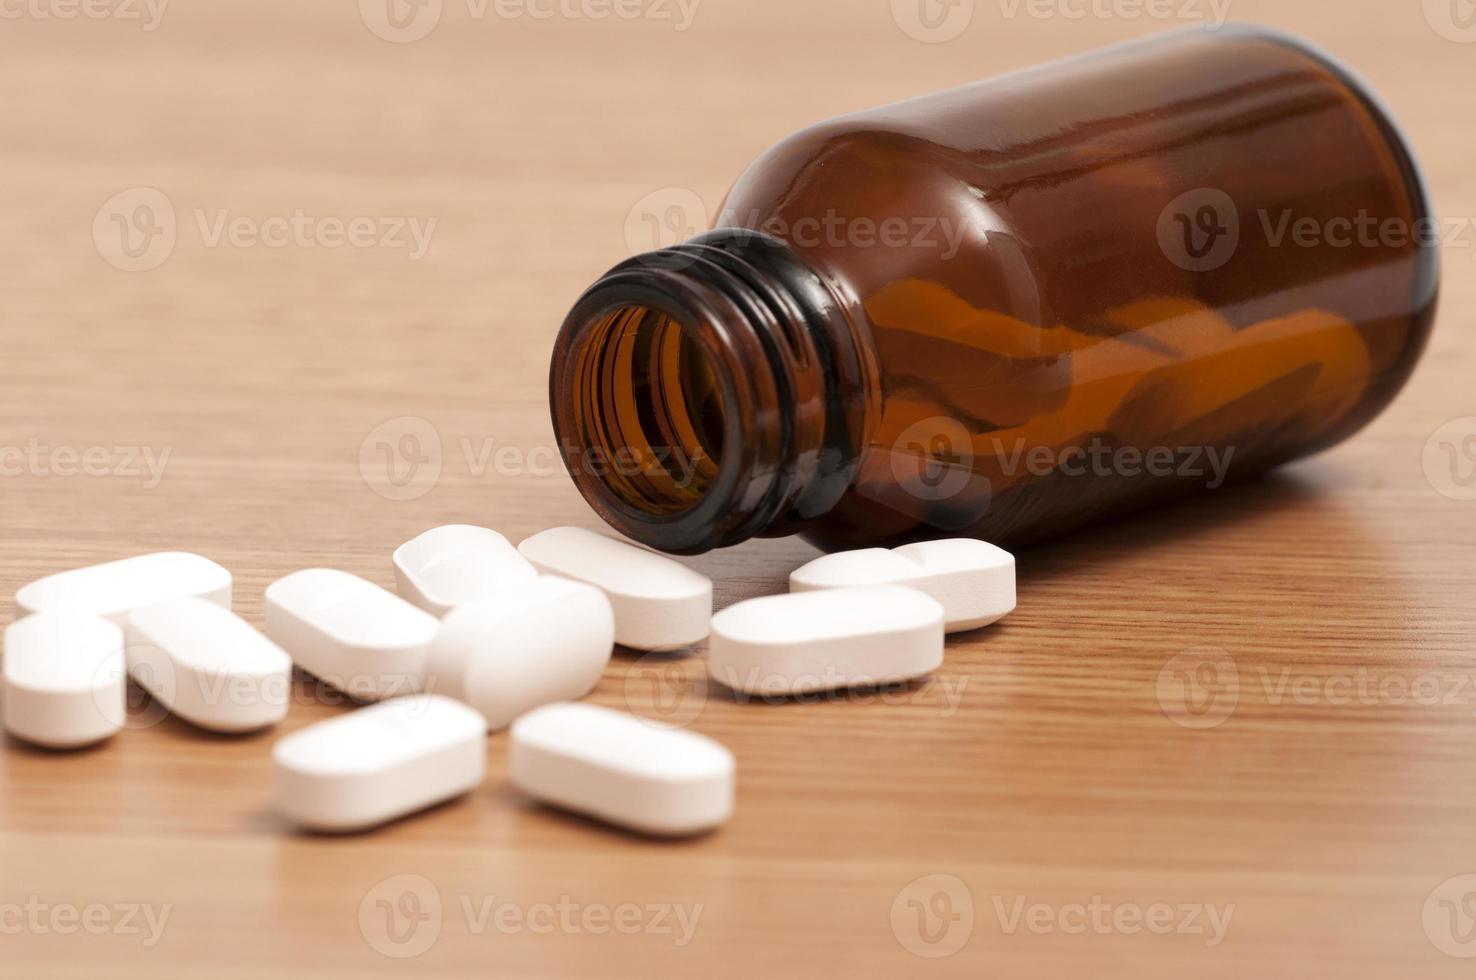 capsule e pillole in una bottiglia foto